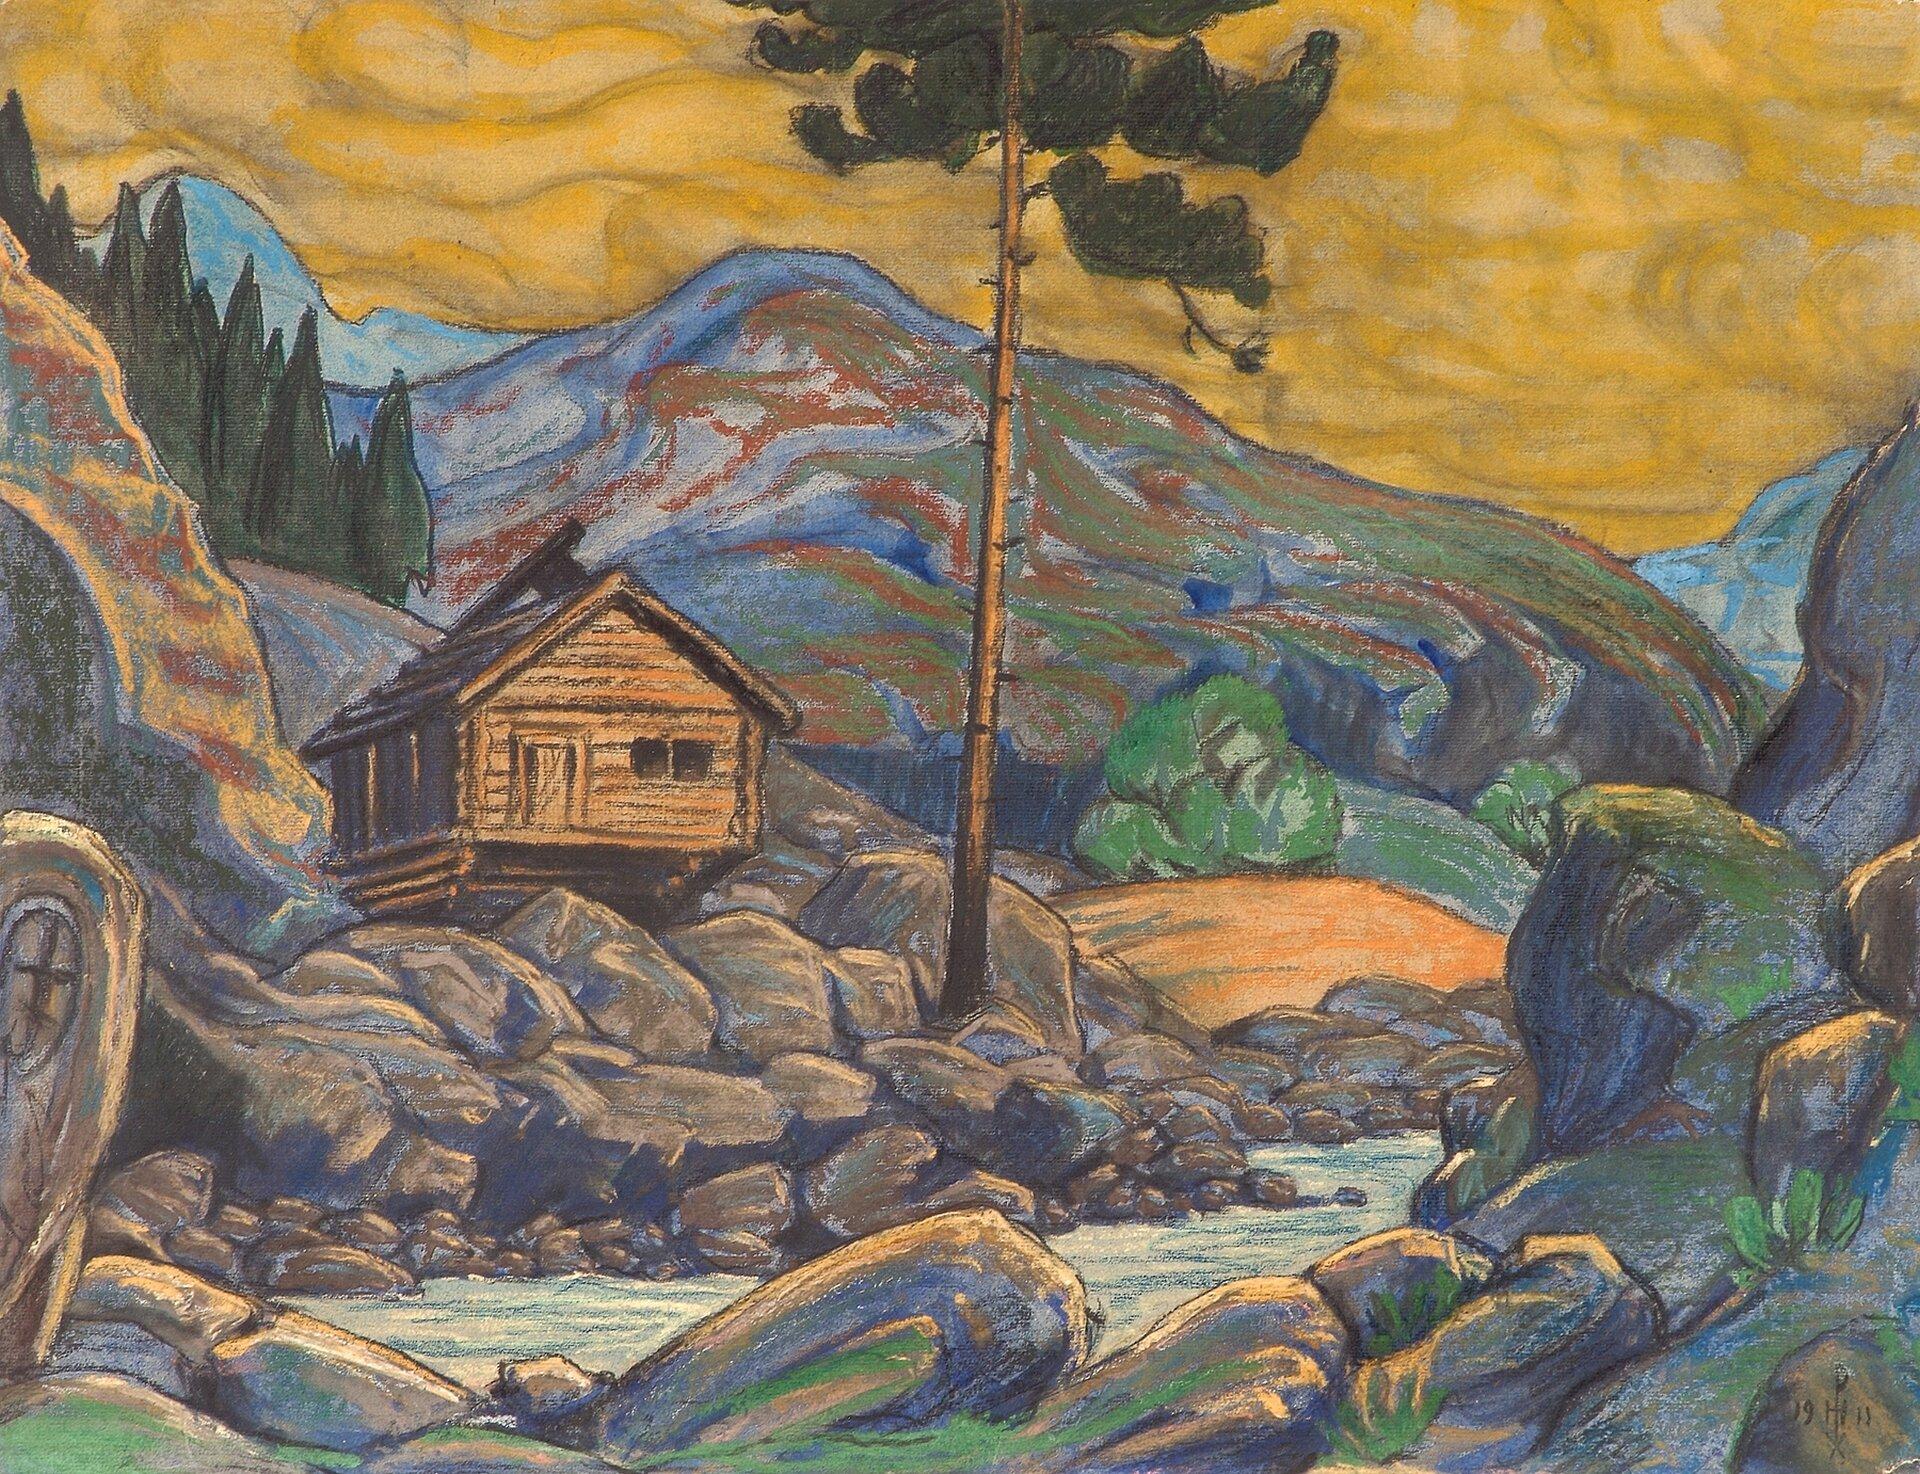 """Ilustracja przedstawia obraz """"Dom wgórach"""", autorstwa Nikołaja Roericha. Drewniana chata znajduje się na zboczu góry. Wdolnej części obrazu widoczny jest potok. Tło stanowi krajobraz górski."""